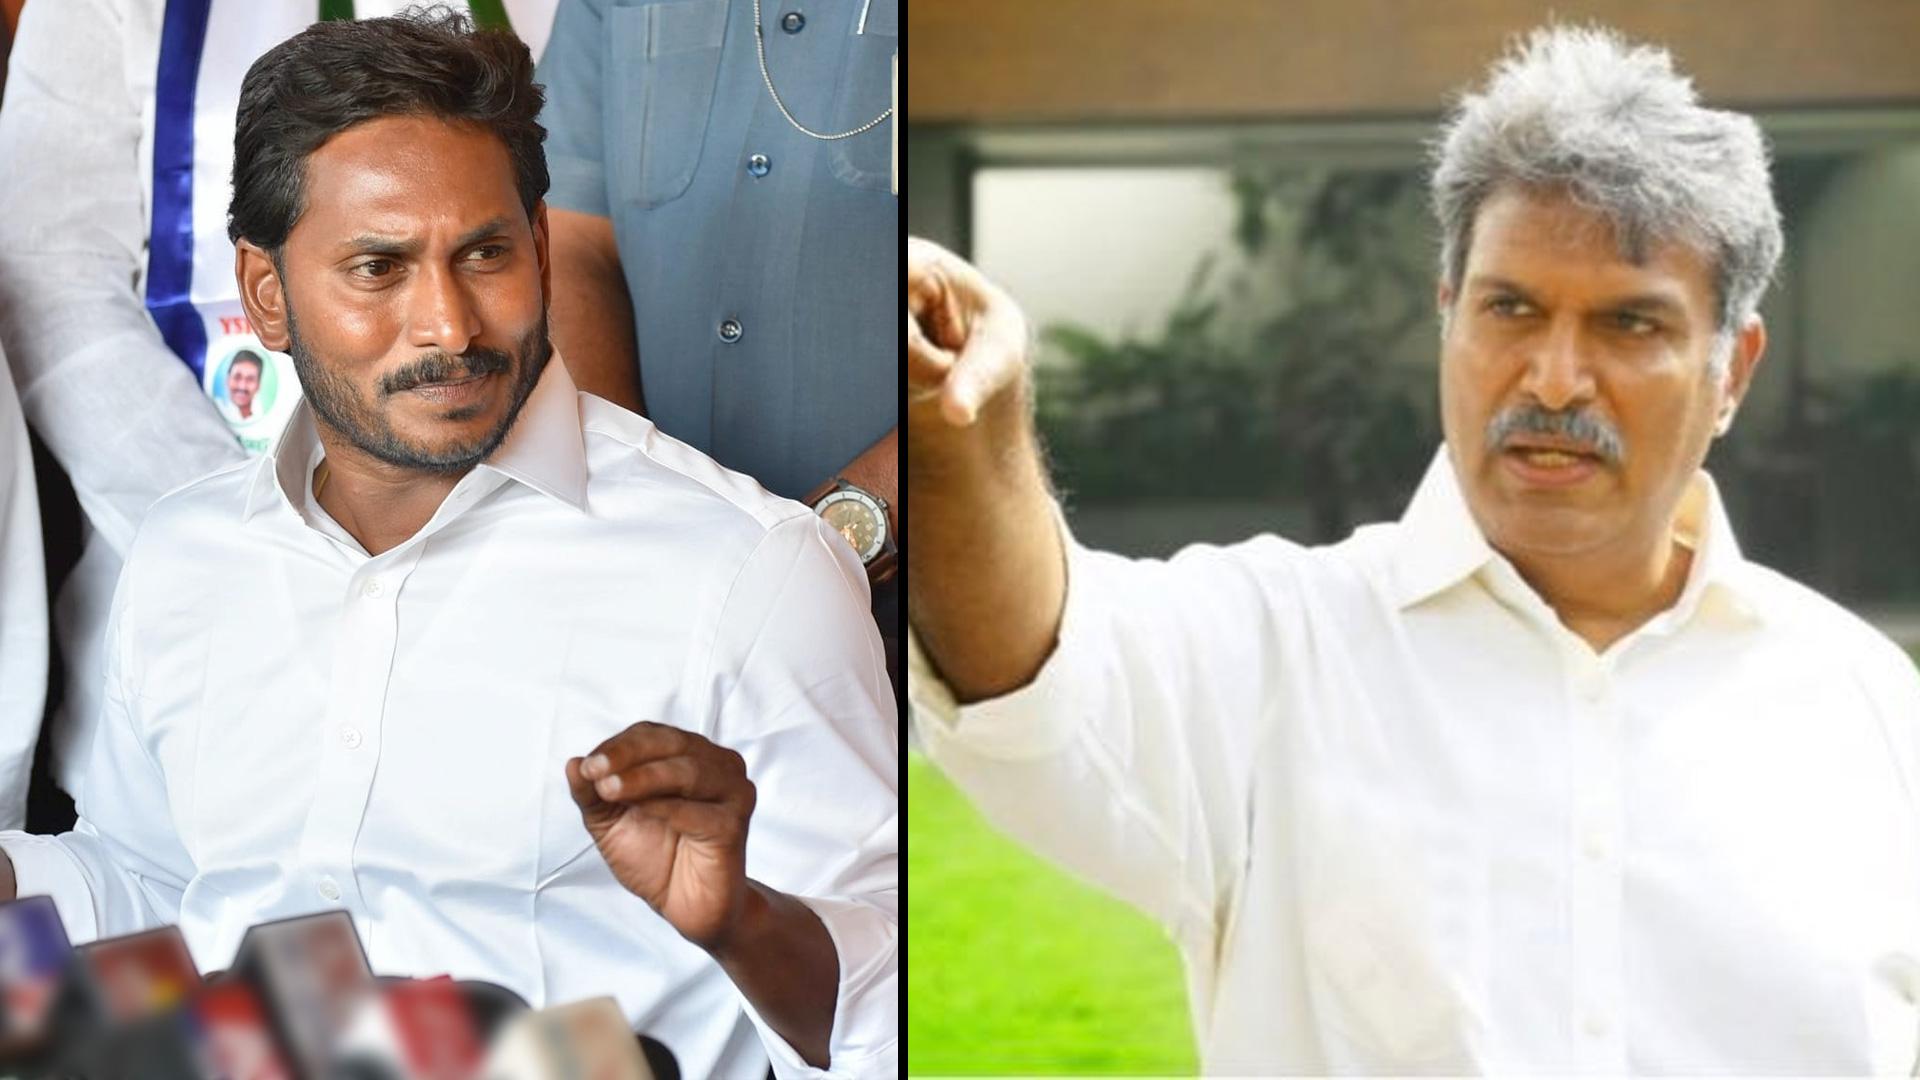 జగన్ పై విమర్శలు గుప్పించిన కేశినేని నాని || Keshineni Nani Criticized CM Jagan On Government Jobs